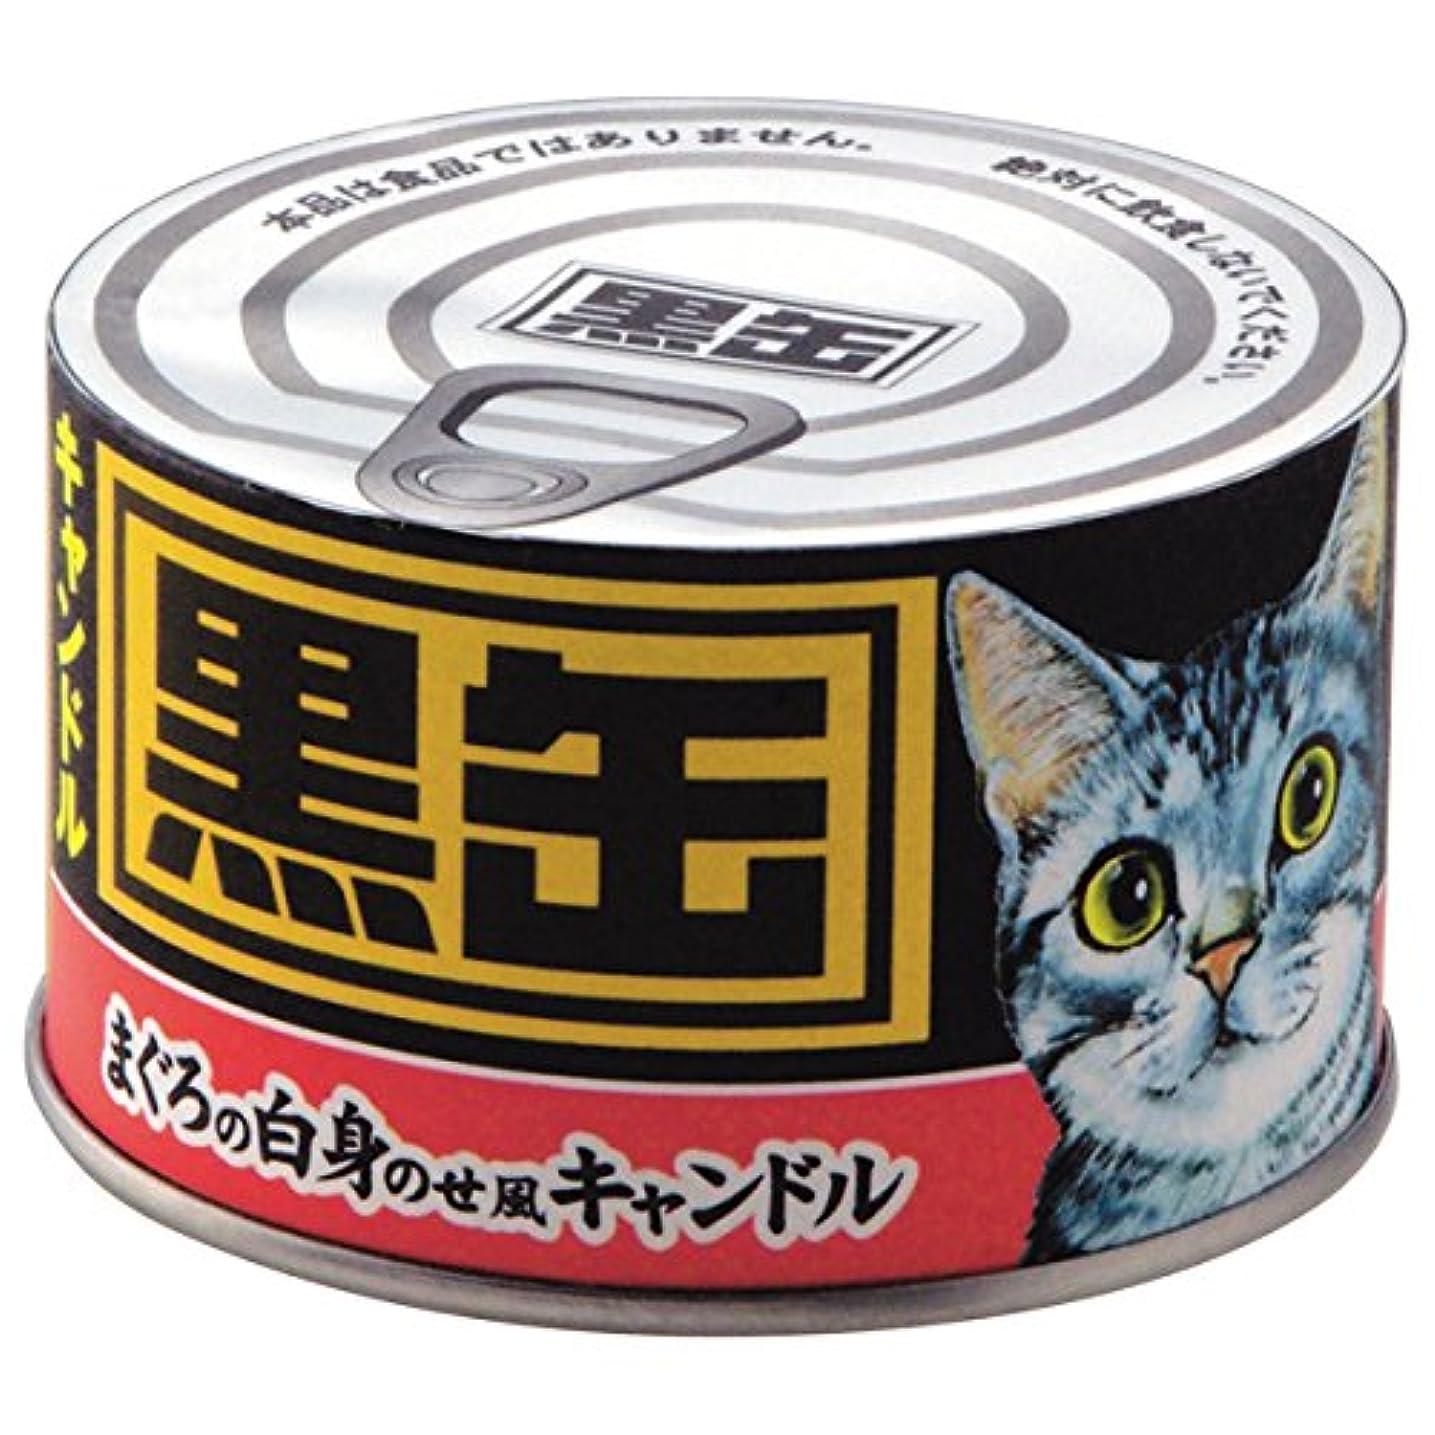 寓話牧草地嵐カメヤマ黒缶キャンドル